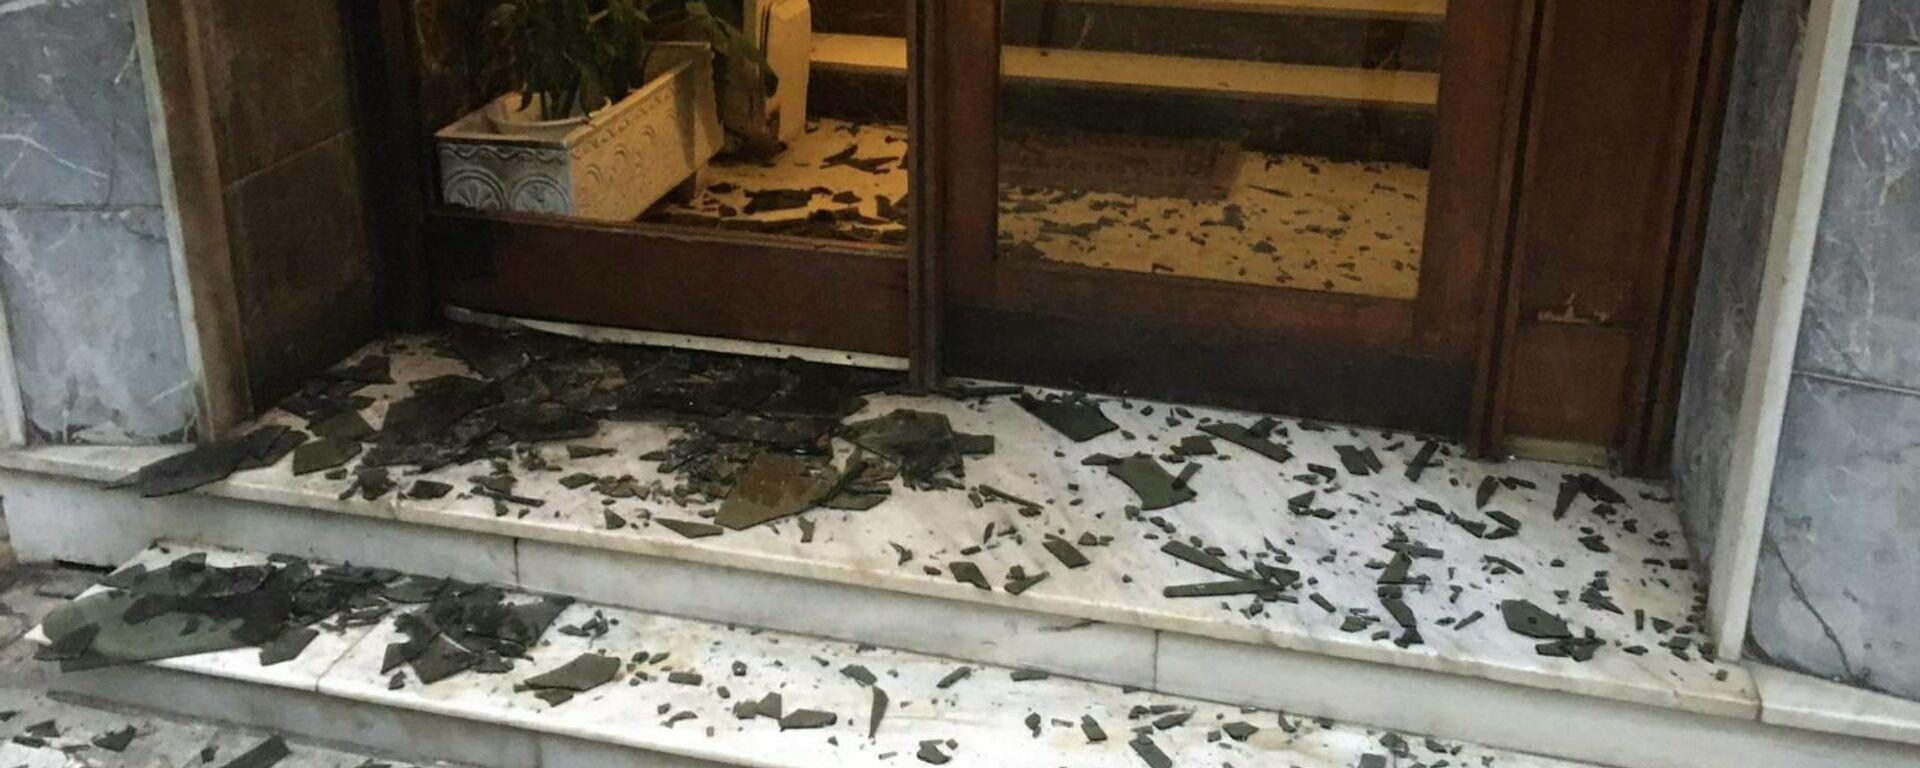 Επίθεση σε πολυκατοικία στην Καλλιθέα - Sputnik Ελλάδα, 1920, 23.09.2021